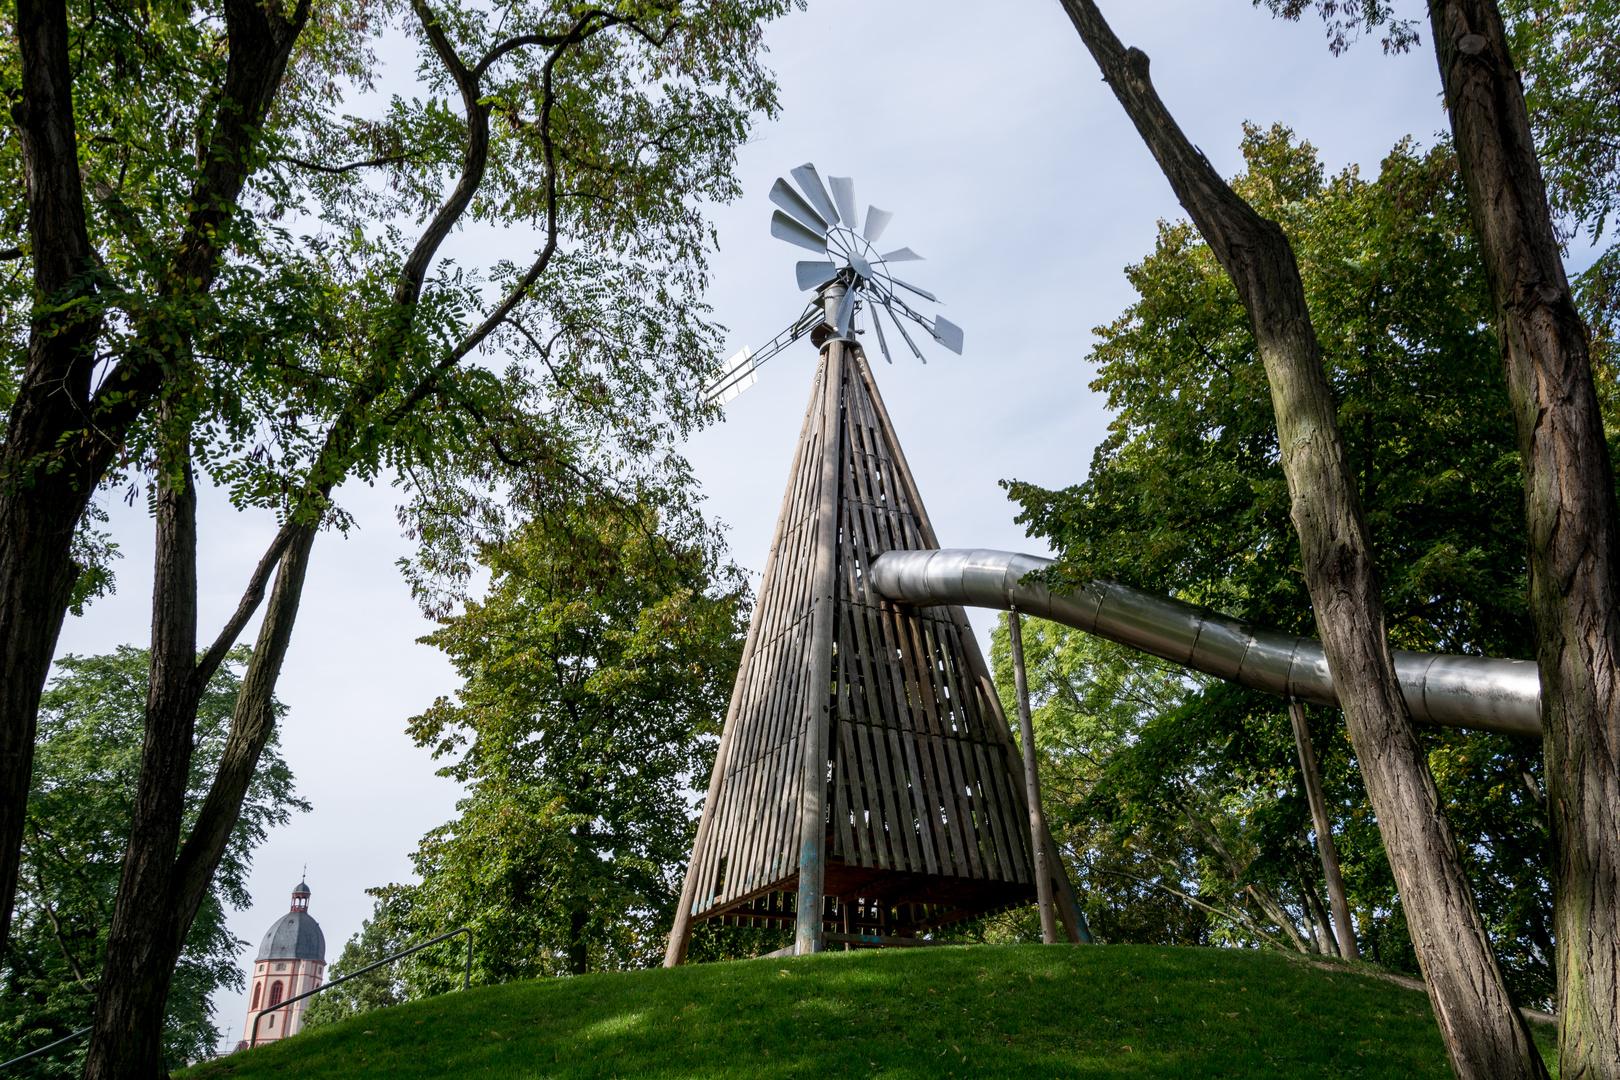 Die große Rutsche auf dem Mainzer Windmühlenberg, wo früher eine richtige Windmühle stand